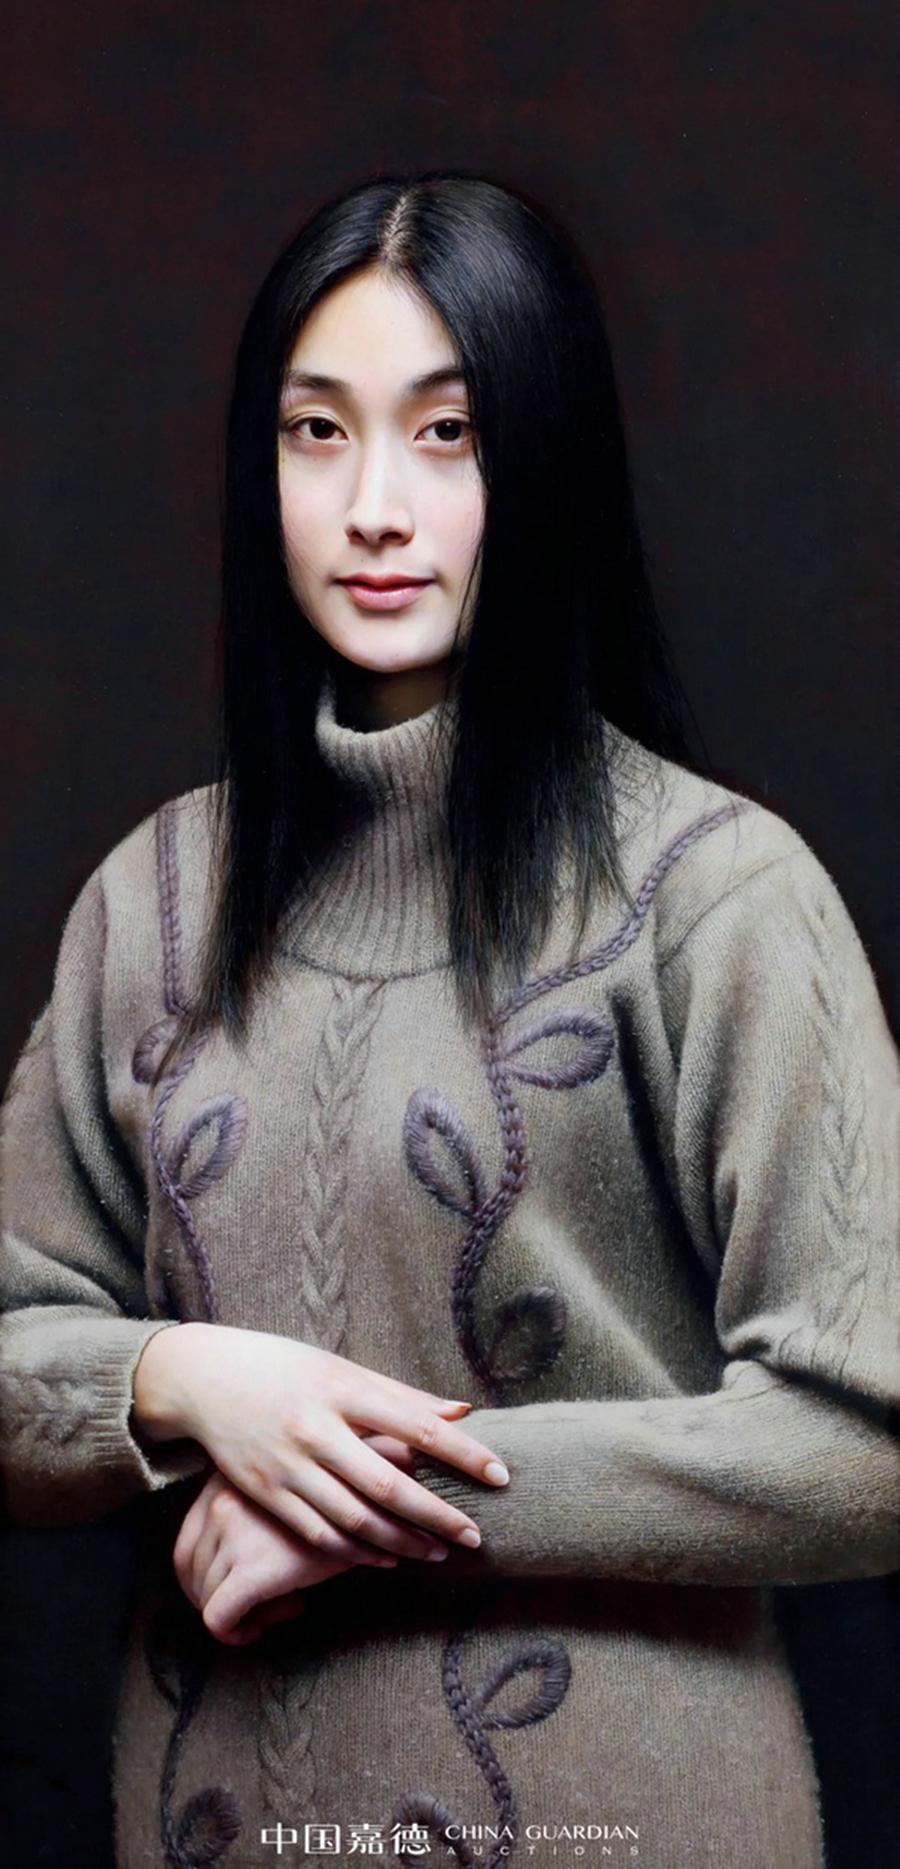 Trong phiên đấu giá mùa xuân có tên Đêm nghệ thuật đương đại của China Guardian hôm 20/5, tác phẩm Mona Lisa - Thiết kế của nụ cười bán với 80,5 triệu NDT.kích thước 125x45 cm, vẽ năm 2004ông chọn nền đen sâu, đơn giản khắc họa hình ảnh người phụ nữ phương Đông đang mỉm cười, dựa trên bố cục cuộc cổ điển của hội họa Trung QUốc. Theo Beijing Daily, từng sợi tóc, da thịt, quần áo của người phụ nữ trong tranh đều ảnh hưởng mạnh mẽ tới thị giác của người xe,. Tác phẩm đoạt giải Xuất sắc tại Triển lãm mỹ thuật toàn quốc lần thứ 10.